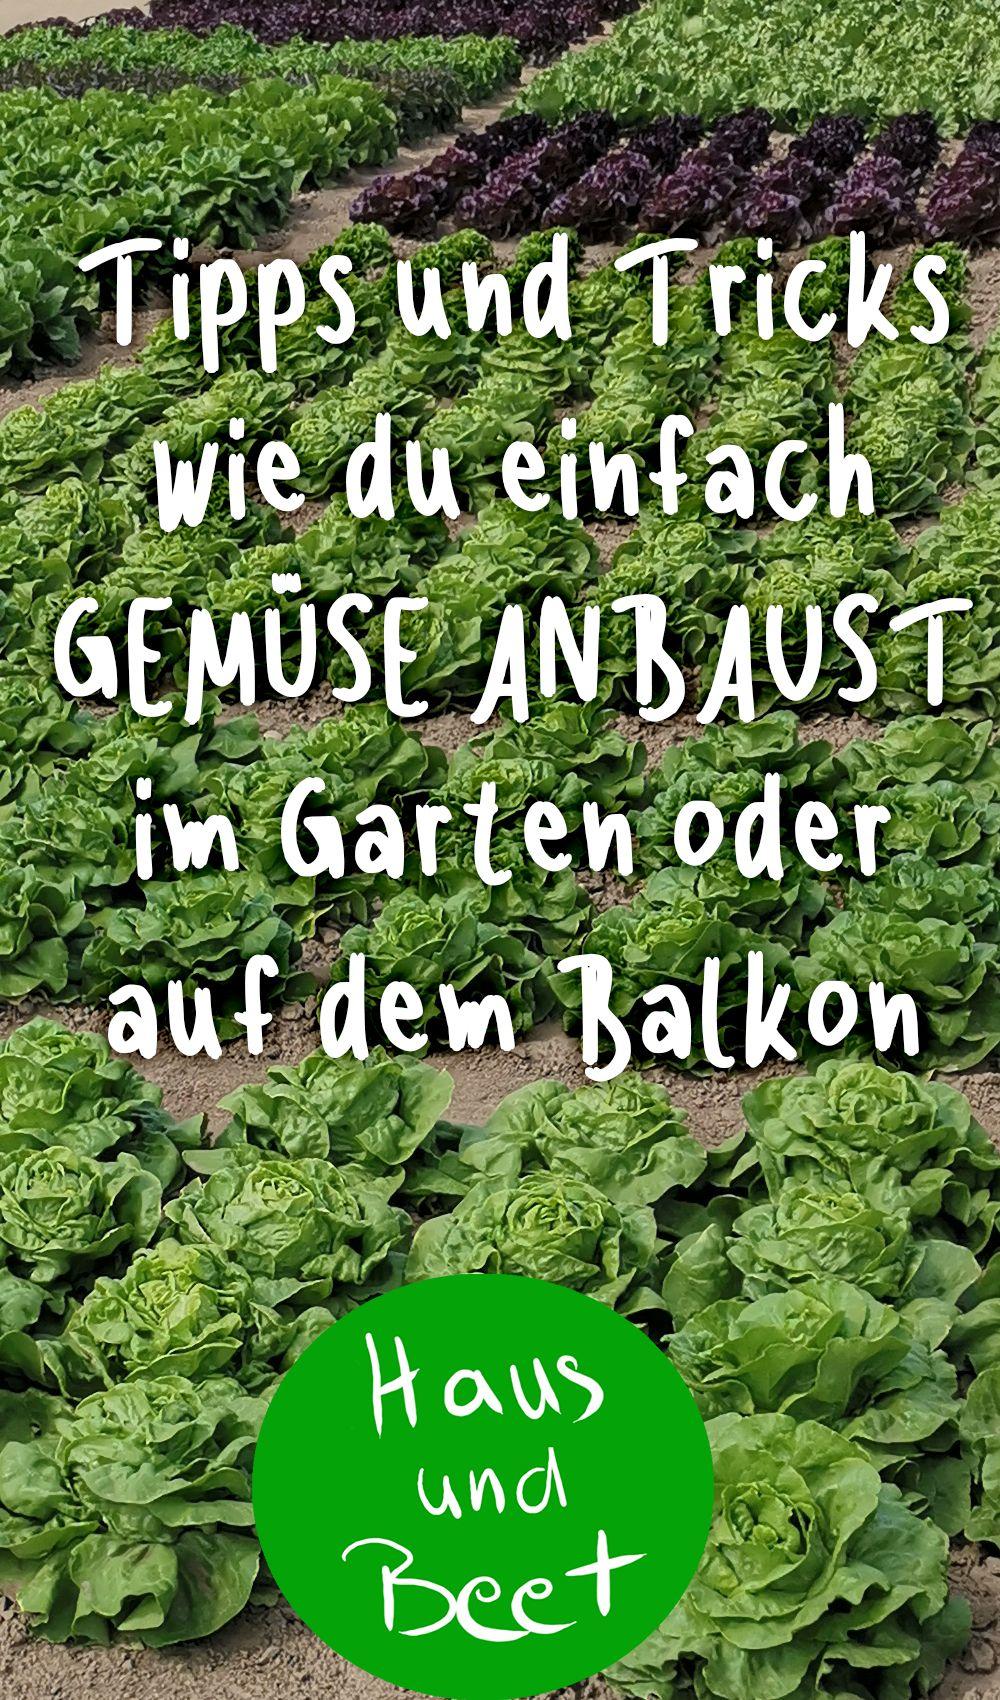 Gemuse Anbauen Haus Und Beet Selbstversorger Garten Gemuse Anbauen Garten Ideen Gemuse